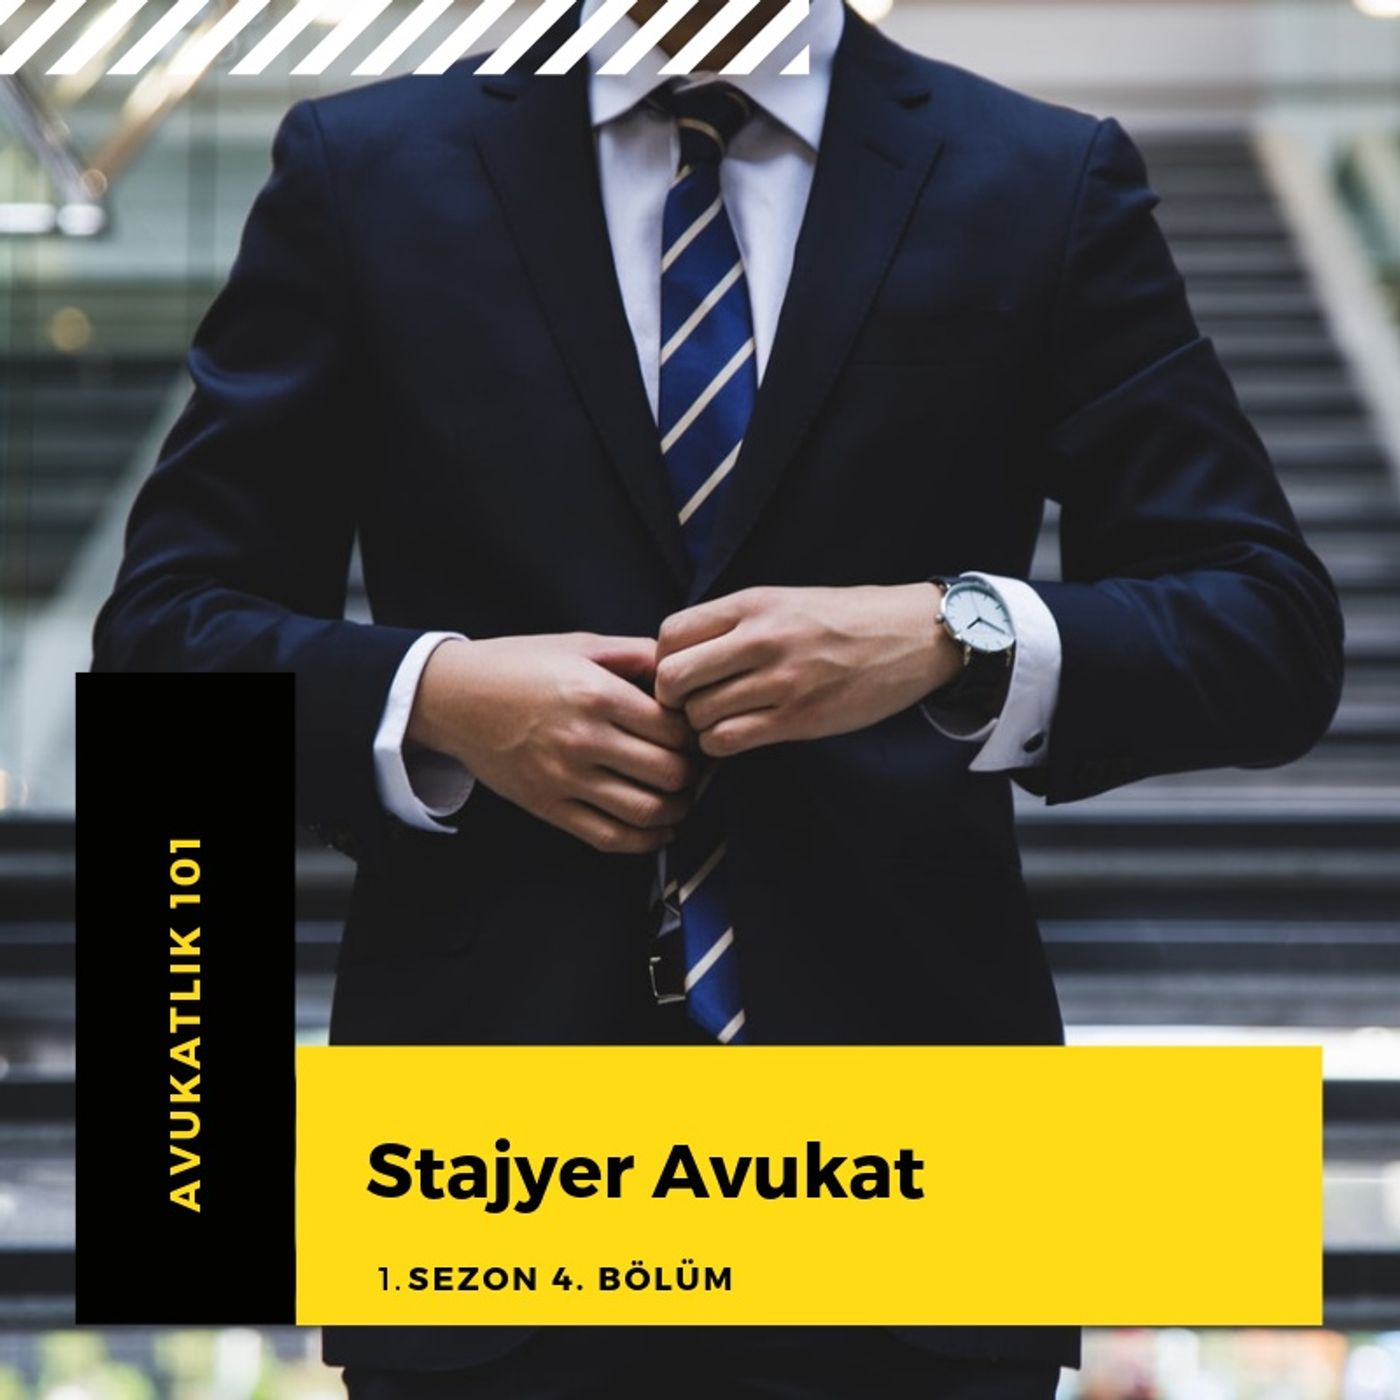 Stajyer Avukatlık.04